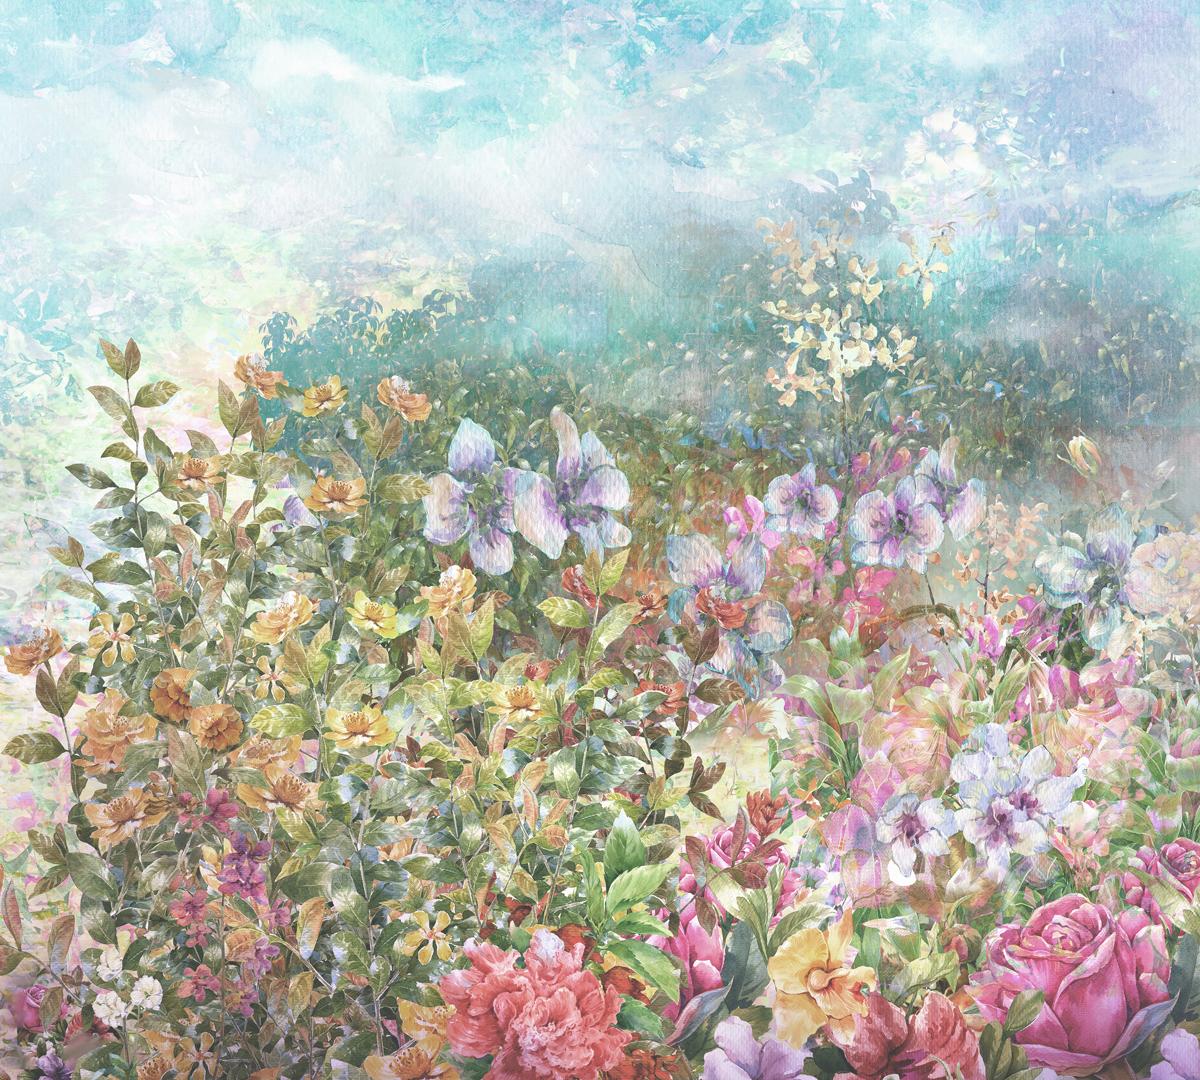 Фотообои Barton Wallpapers Цветы, 300 x 270 см. F01203F01203Флизелиновые фотообои Barton Wallpapers Цветы. Превосходное цифровое качество изображения, экологичные, износостойкие, не пахнут, стойки к выцветанию, просты в поклейке. Размер: ширина 300 см, длина 270 см.